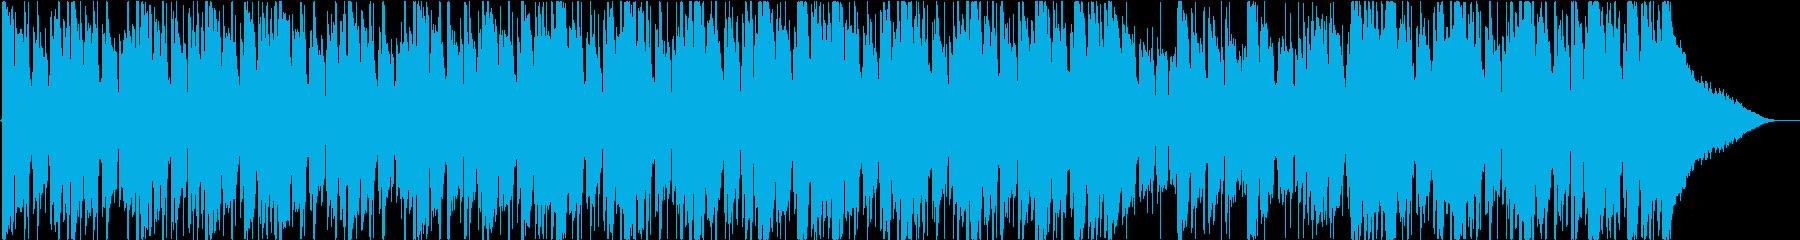 滑らか ジャズ あたたかい 幸せ ...の再生済みの波形